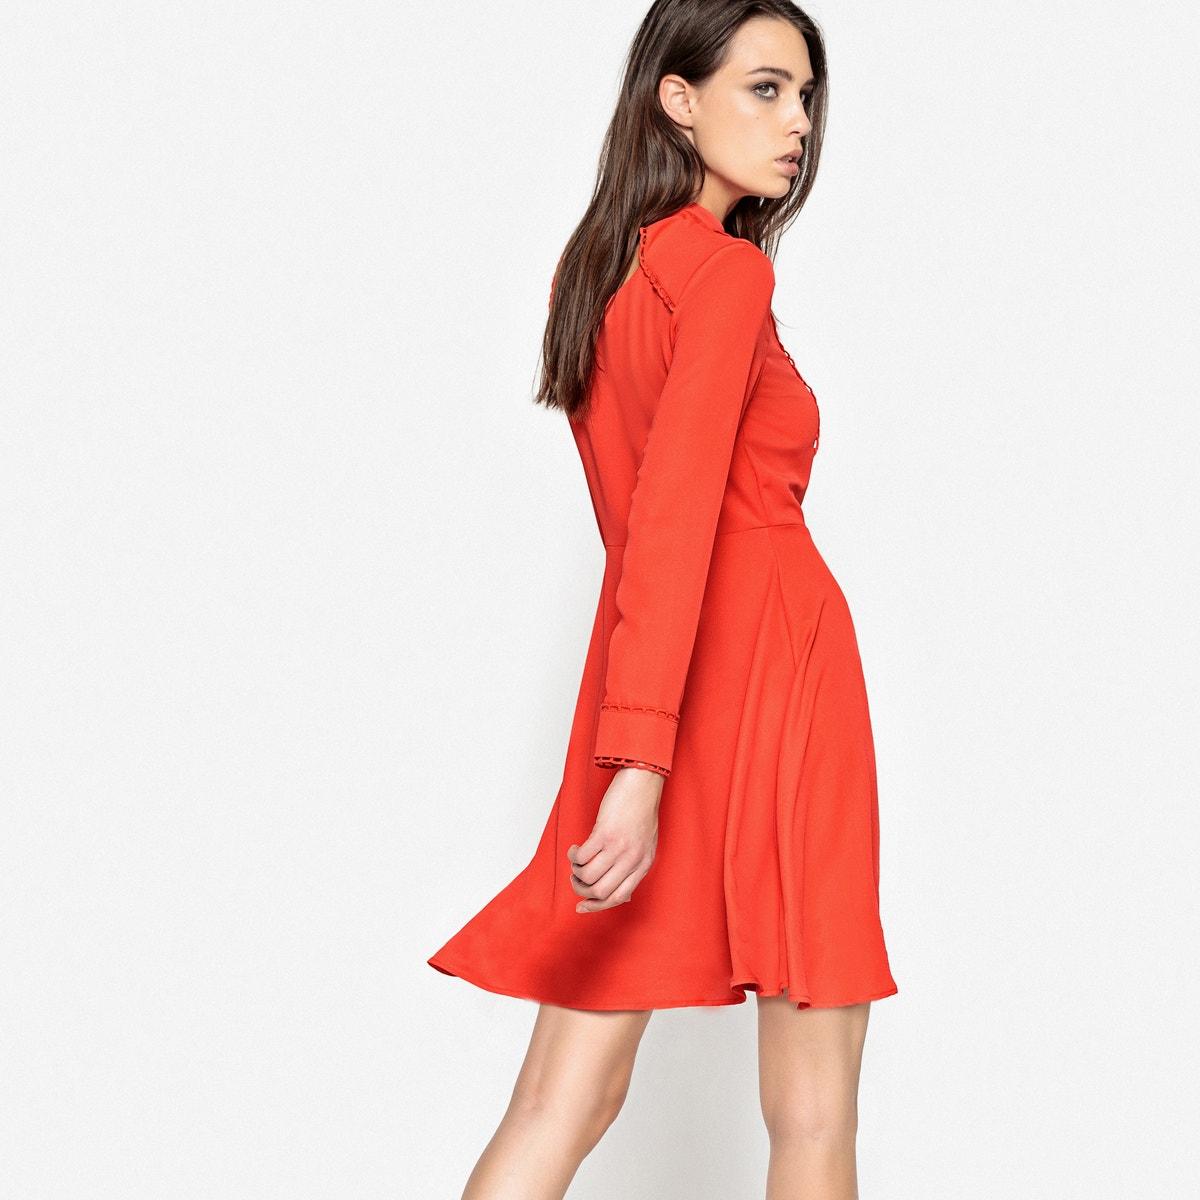 Kleid Frau R Mademoiselle Mit Am Kragen Schleife w1ES5Sq